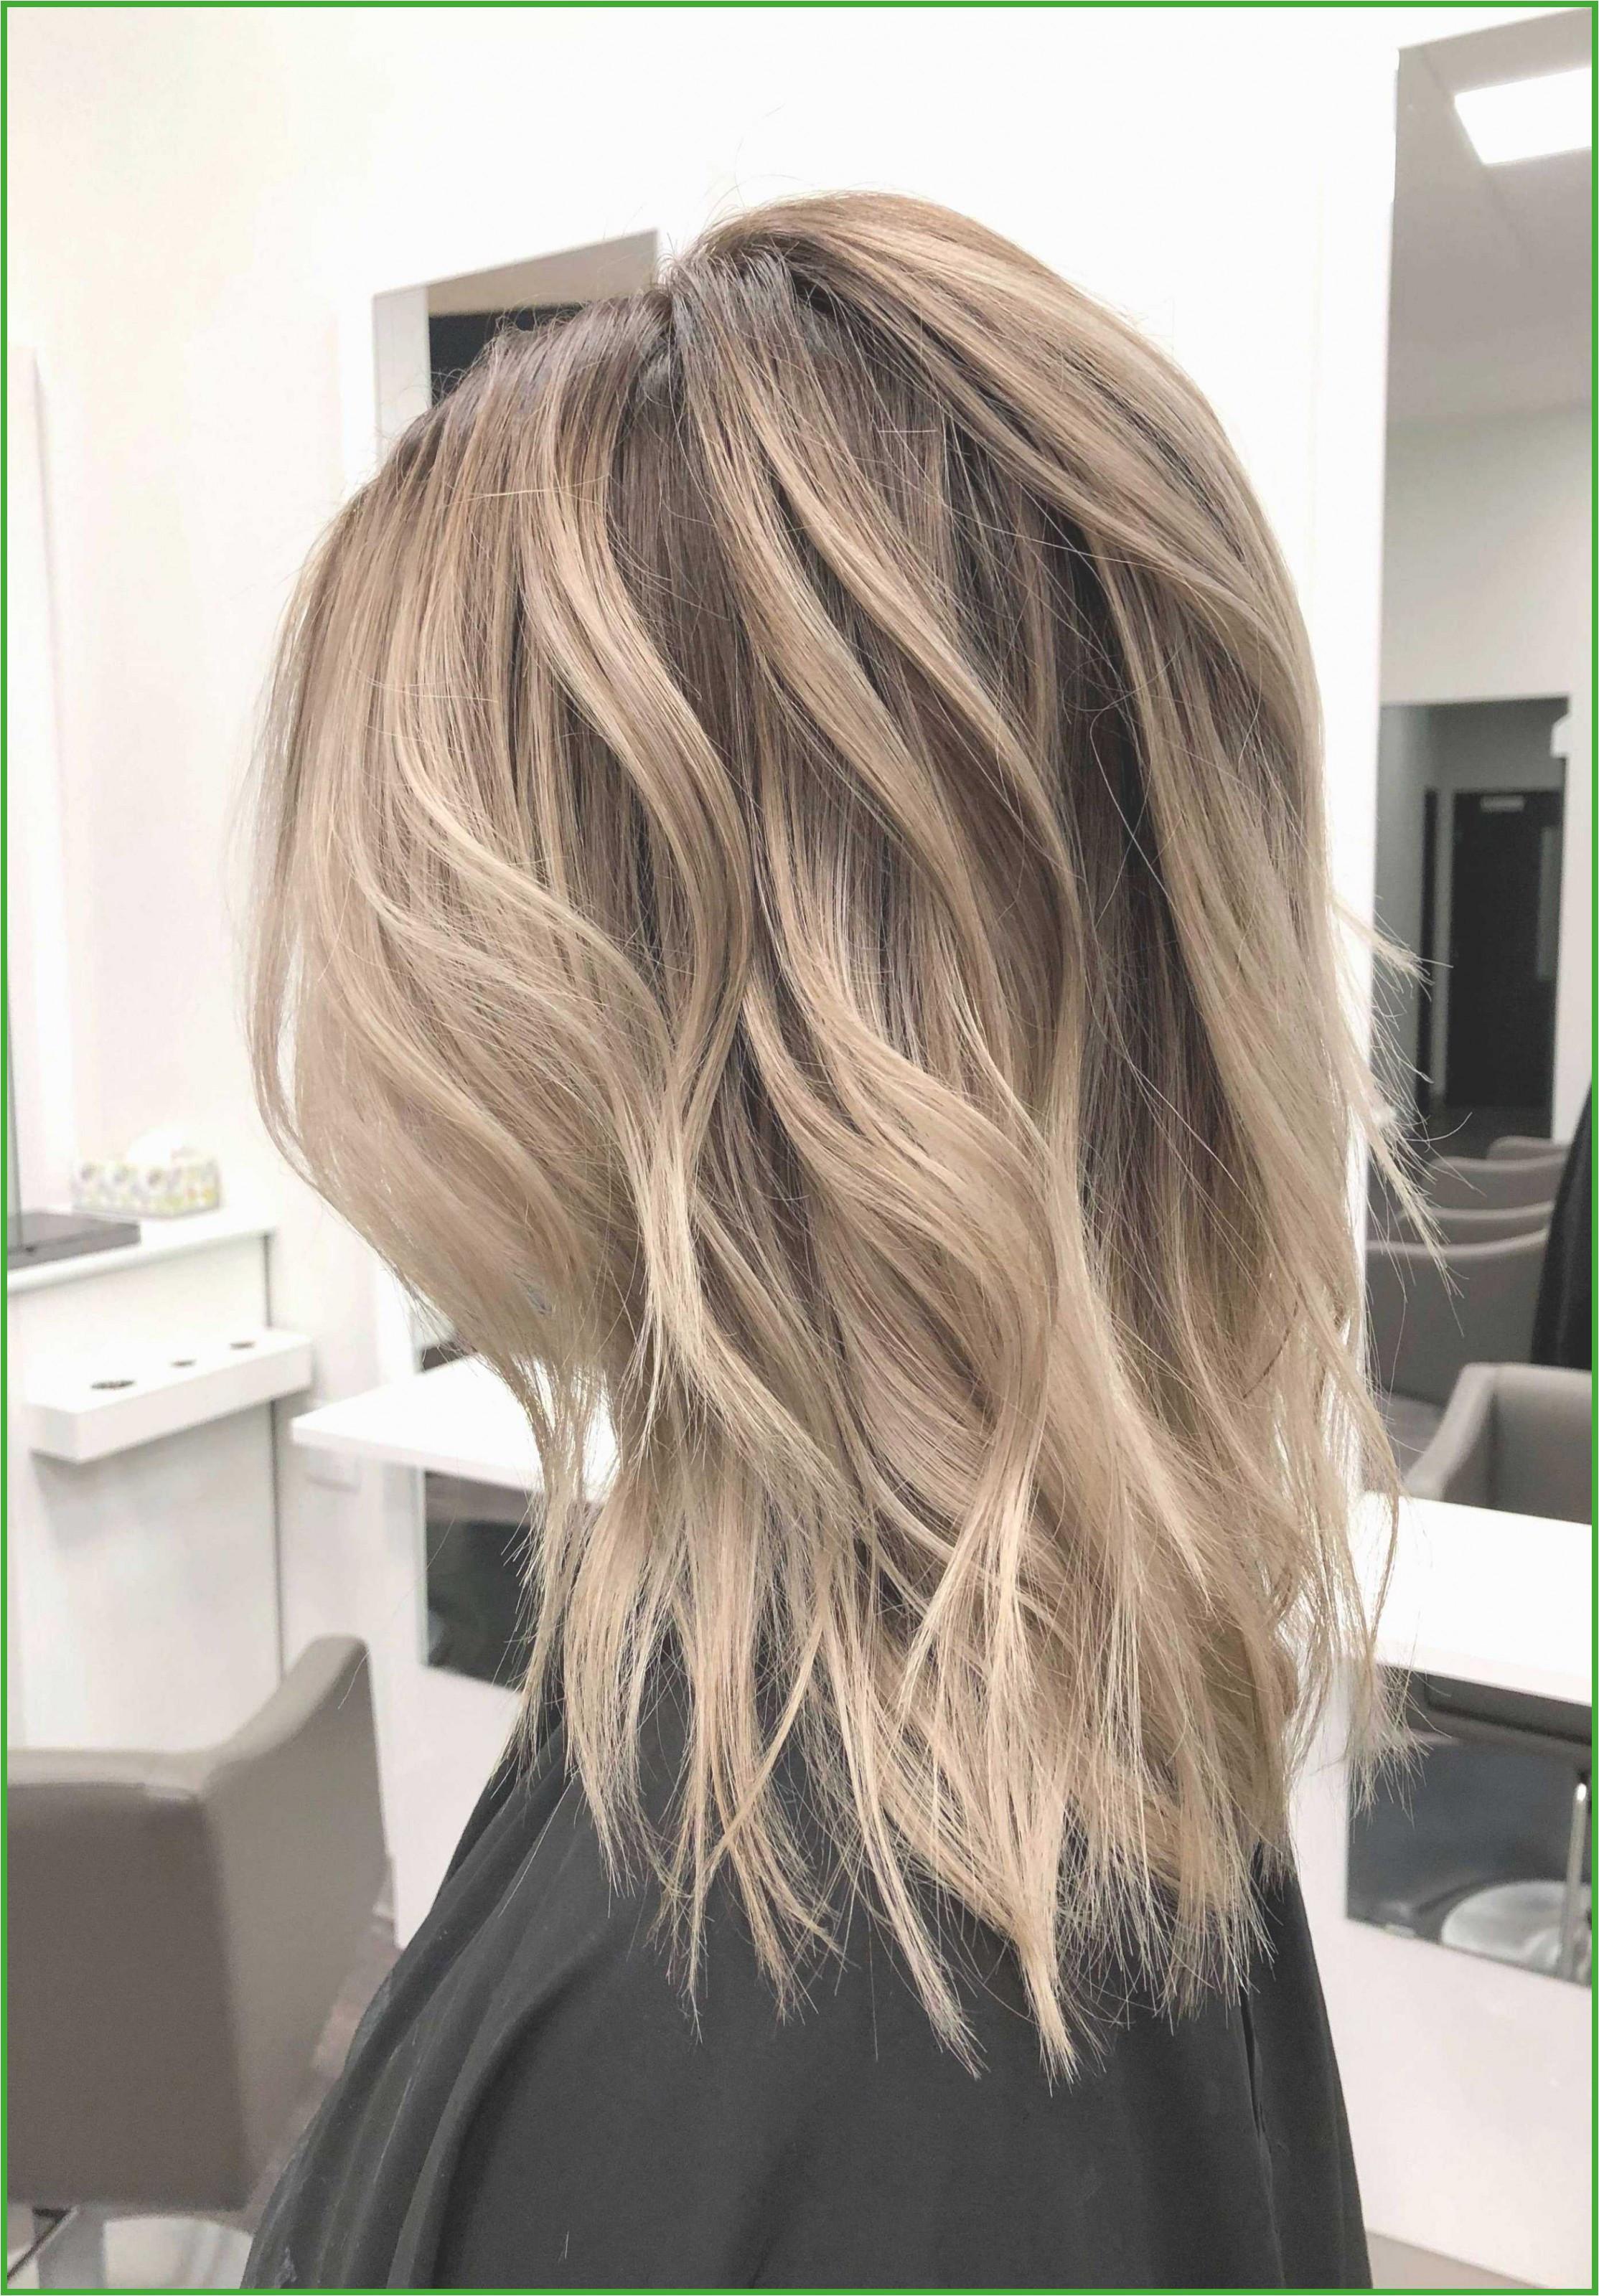 Hairstyles Haircuts Luxury Haircuts for Medium Long Hair Layered Haircut for Long Hair 0d